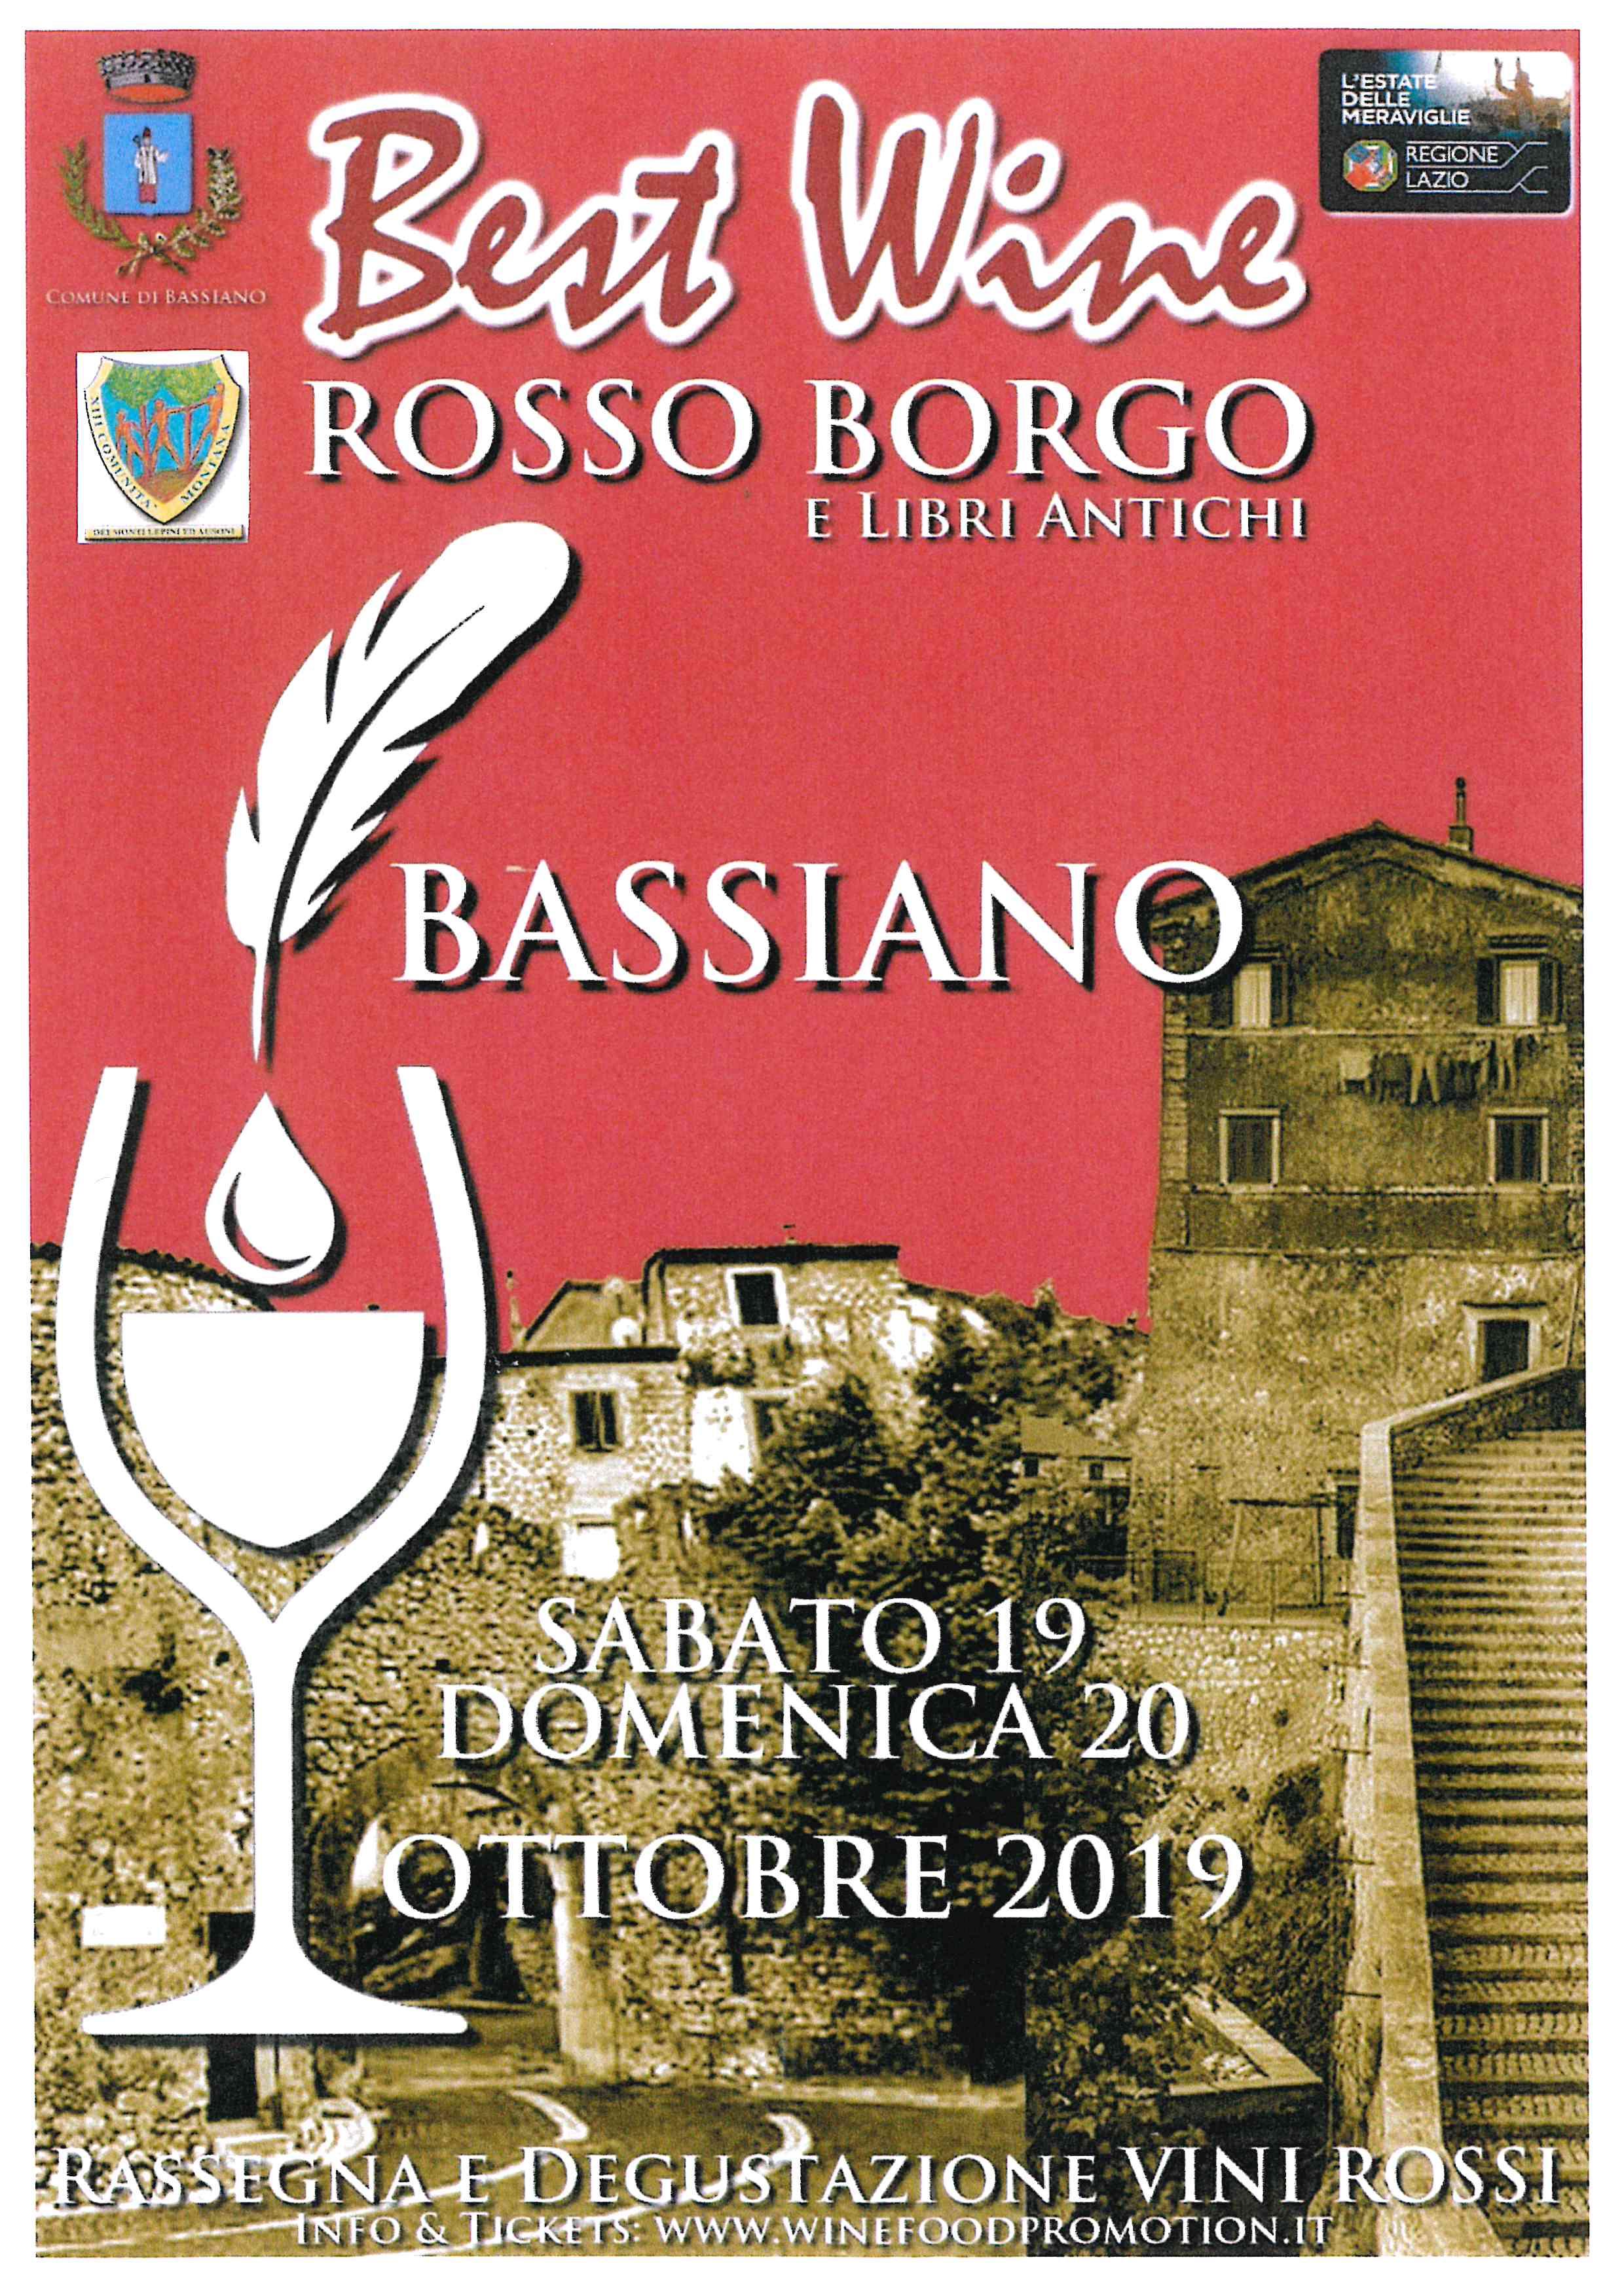 Sabato 19 e Domenica 20  ottobre 2019 - Best Wine Rosso Borgo e Libri Antichi